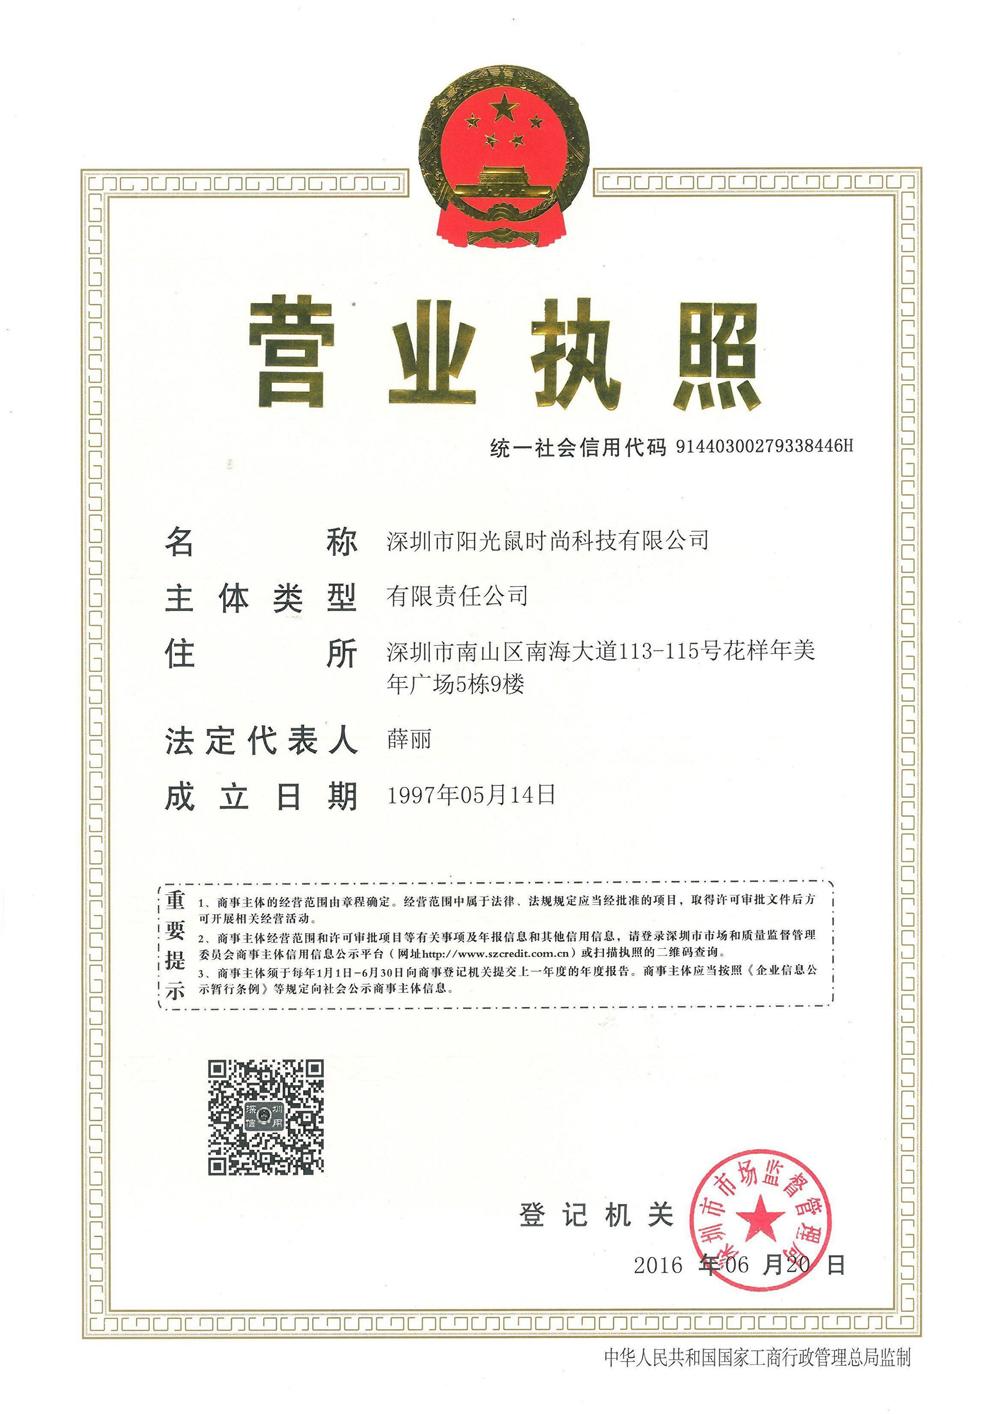 深圳市阳光鼠时尚科技有限公司企业档案